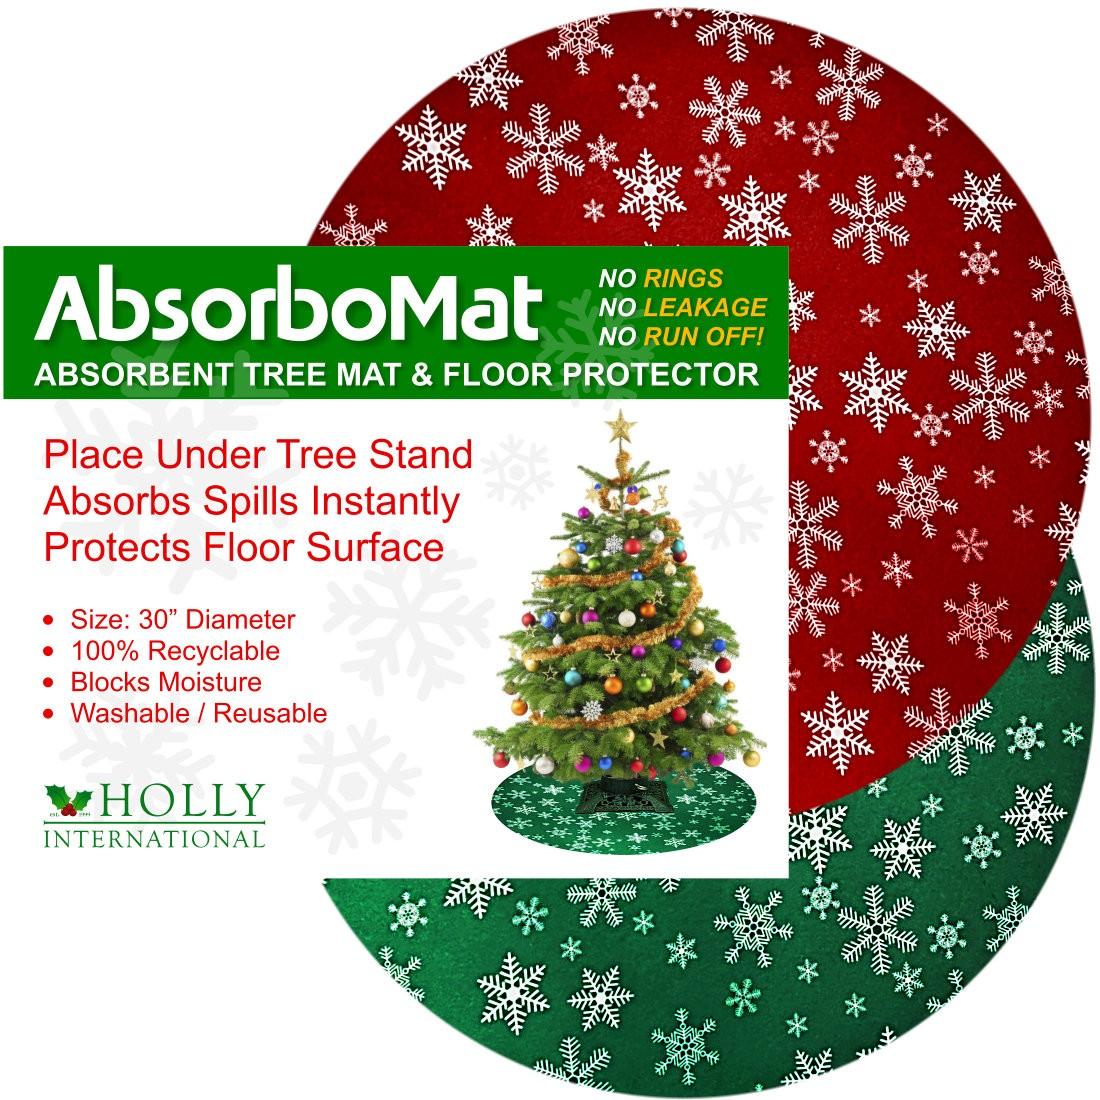 AbsorboMat Waterproof Christmas Tree Mat & Floor Protector